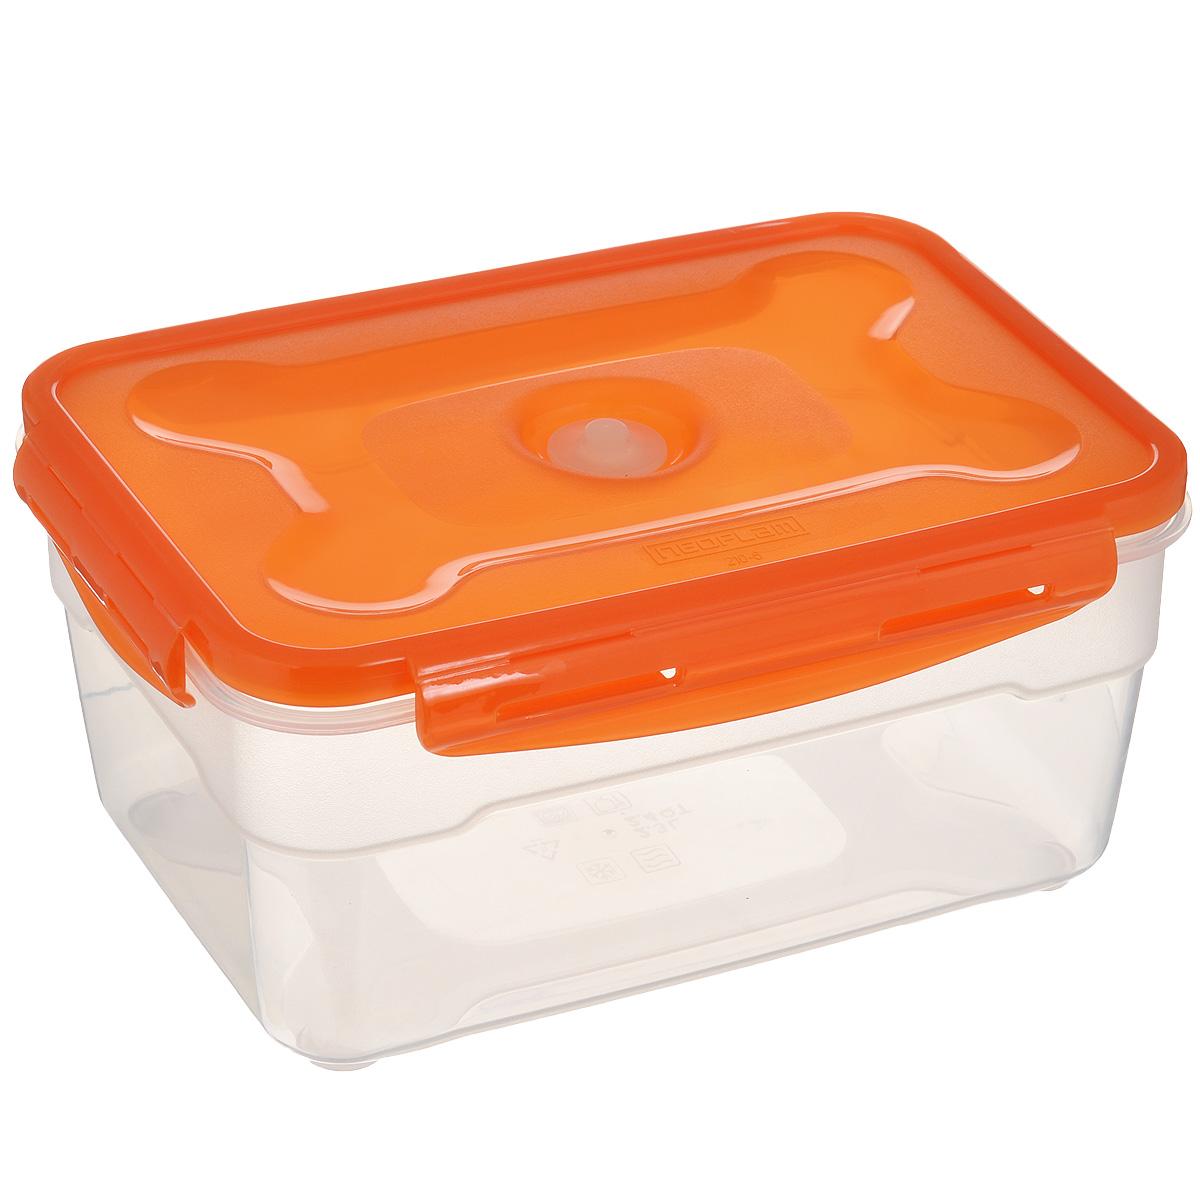 Контейнер вакуумный для пищевых продуктов Atlantis, цвет: оранжевый, 2,3 лVS2R-32оранжевыйКонтейнер Atlantis прямоугольной формы предназначен для хранения пищевых продуктов. Контейнер изготовлен из пищевого пластика, в состав которого включена антибактериальная добавка Microban. Microban, встроенный в структуру пластика, препятствует размножению микроорганизмов, уничтожает до 99,6% бактерий, находящихся на поверхности изделия. Сила межмолекулярных связей внутри полимера удерживает антисептик на поверхности и он не распространяется в сохраняемый продукт. Не изменяет вкусовых свойств хранимых в контейнере продуктов, препятствует размножению болезнетворных бактерий, сохраняет антибактериальные свойства в течение всего срока использования контейнера. Продукты сохраняются свежими дольше, чем в обычных контейнерах. Позволяет предотвратить загрязнение и неприятный запах, вызываемый бактериями, грибком и плесенью. Продукты в вакуумном контейнере можно ставить в морозилку или разогревать в микроволновой печи, не снимая при этом крышку контейнера. ...